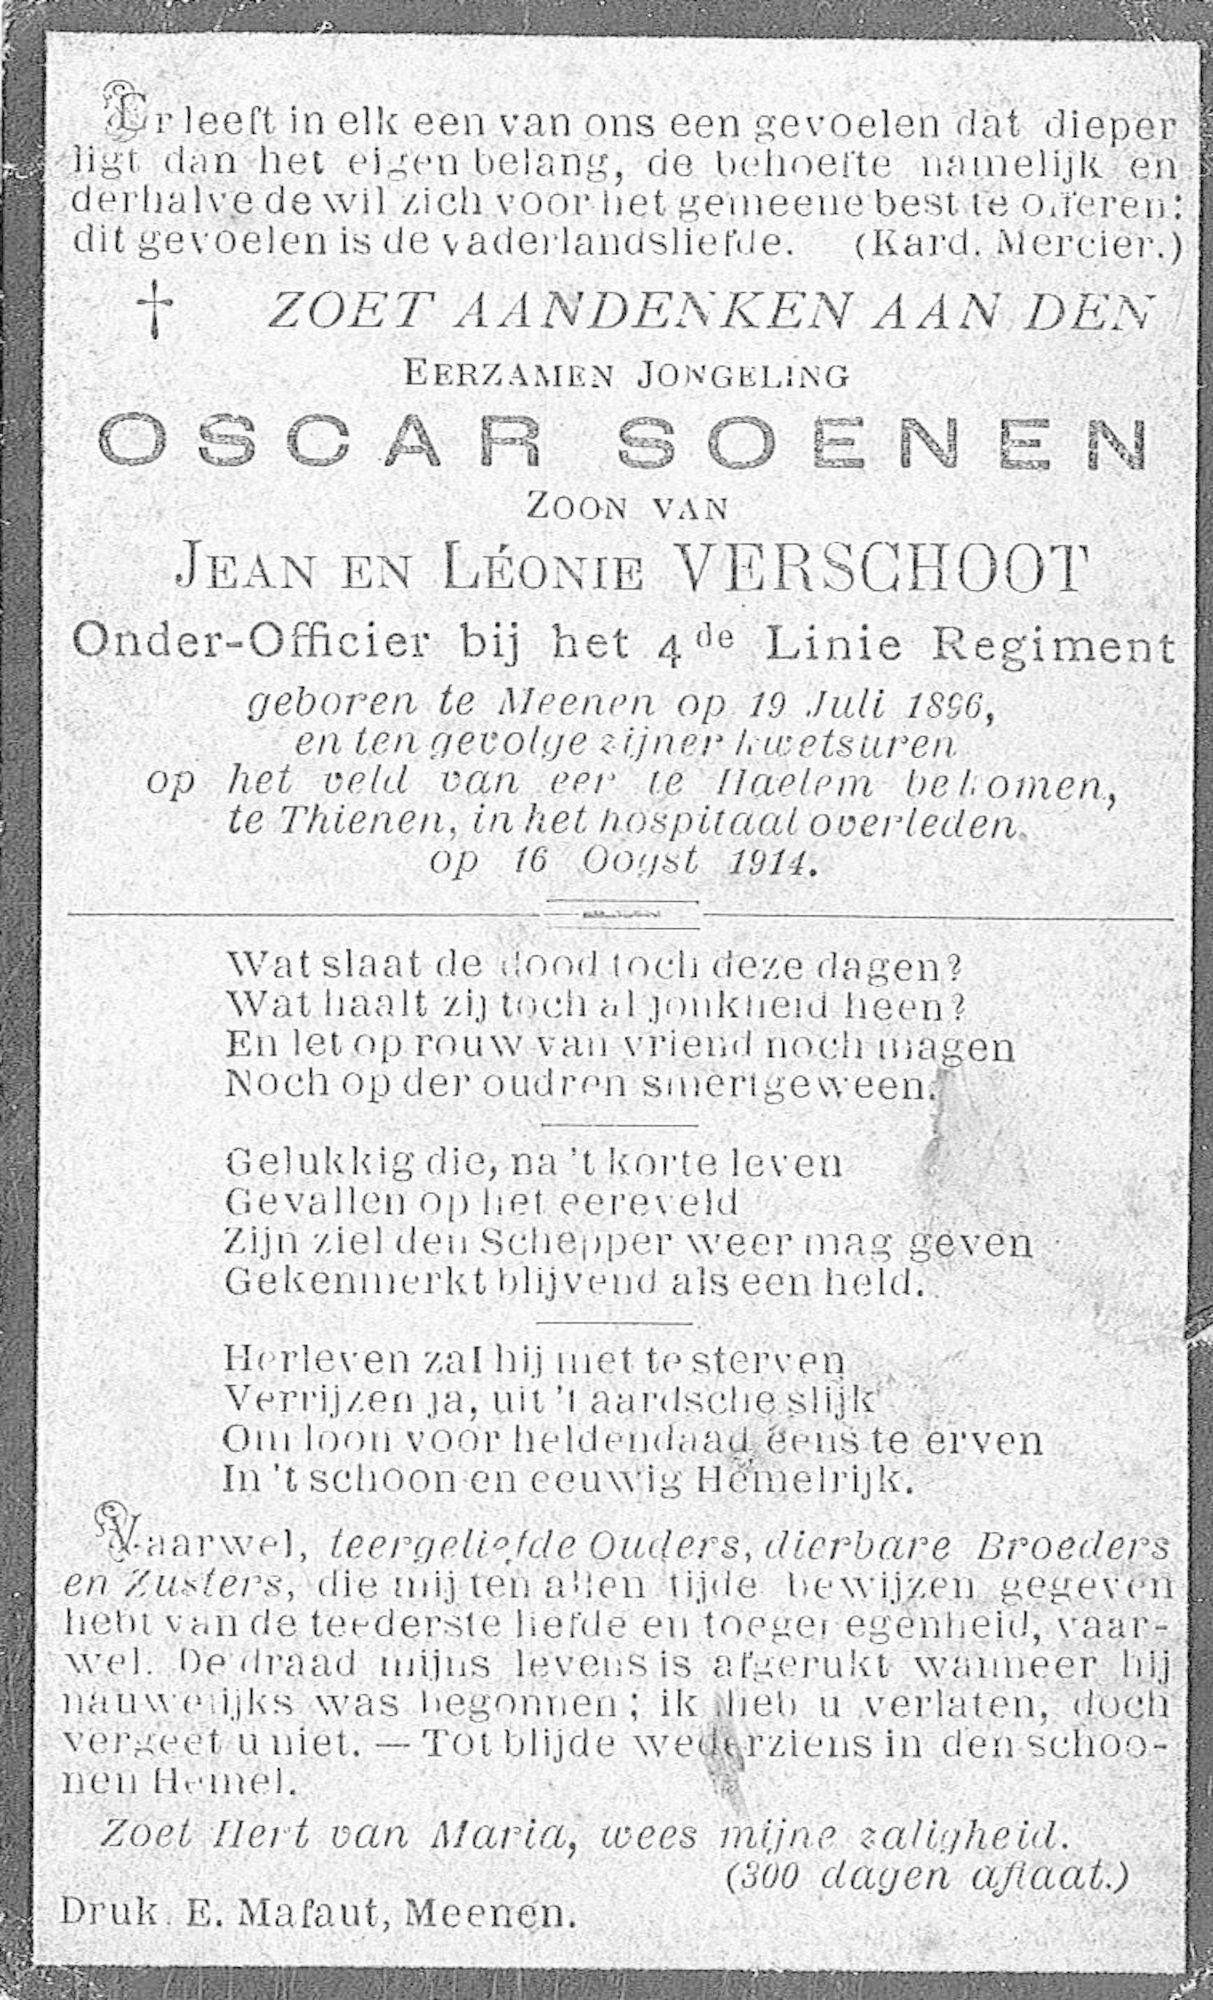 Oscar Soenen